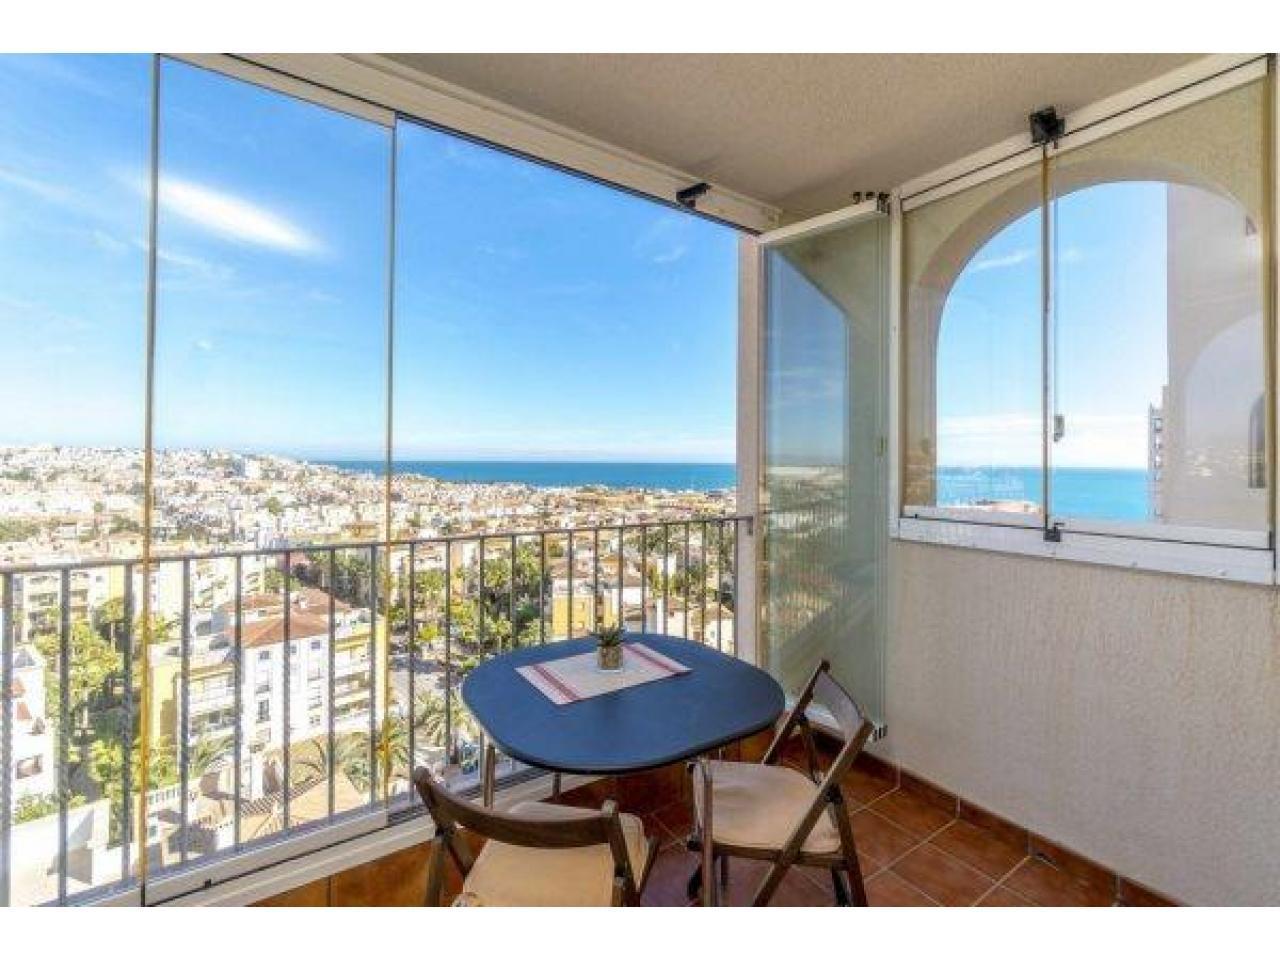 Недвижимость в Испании, Квартира с видом на море в Торревьеха,Коста Бланка,Испания - 1